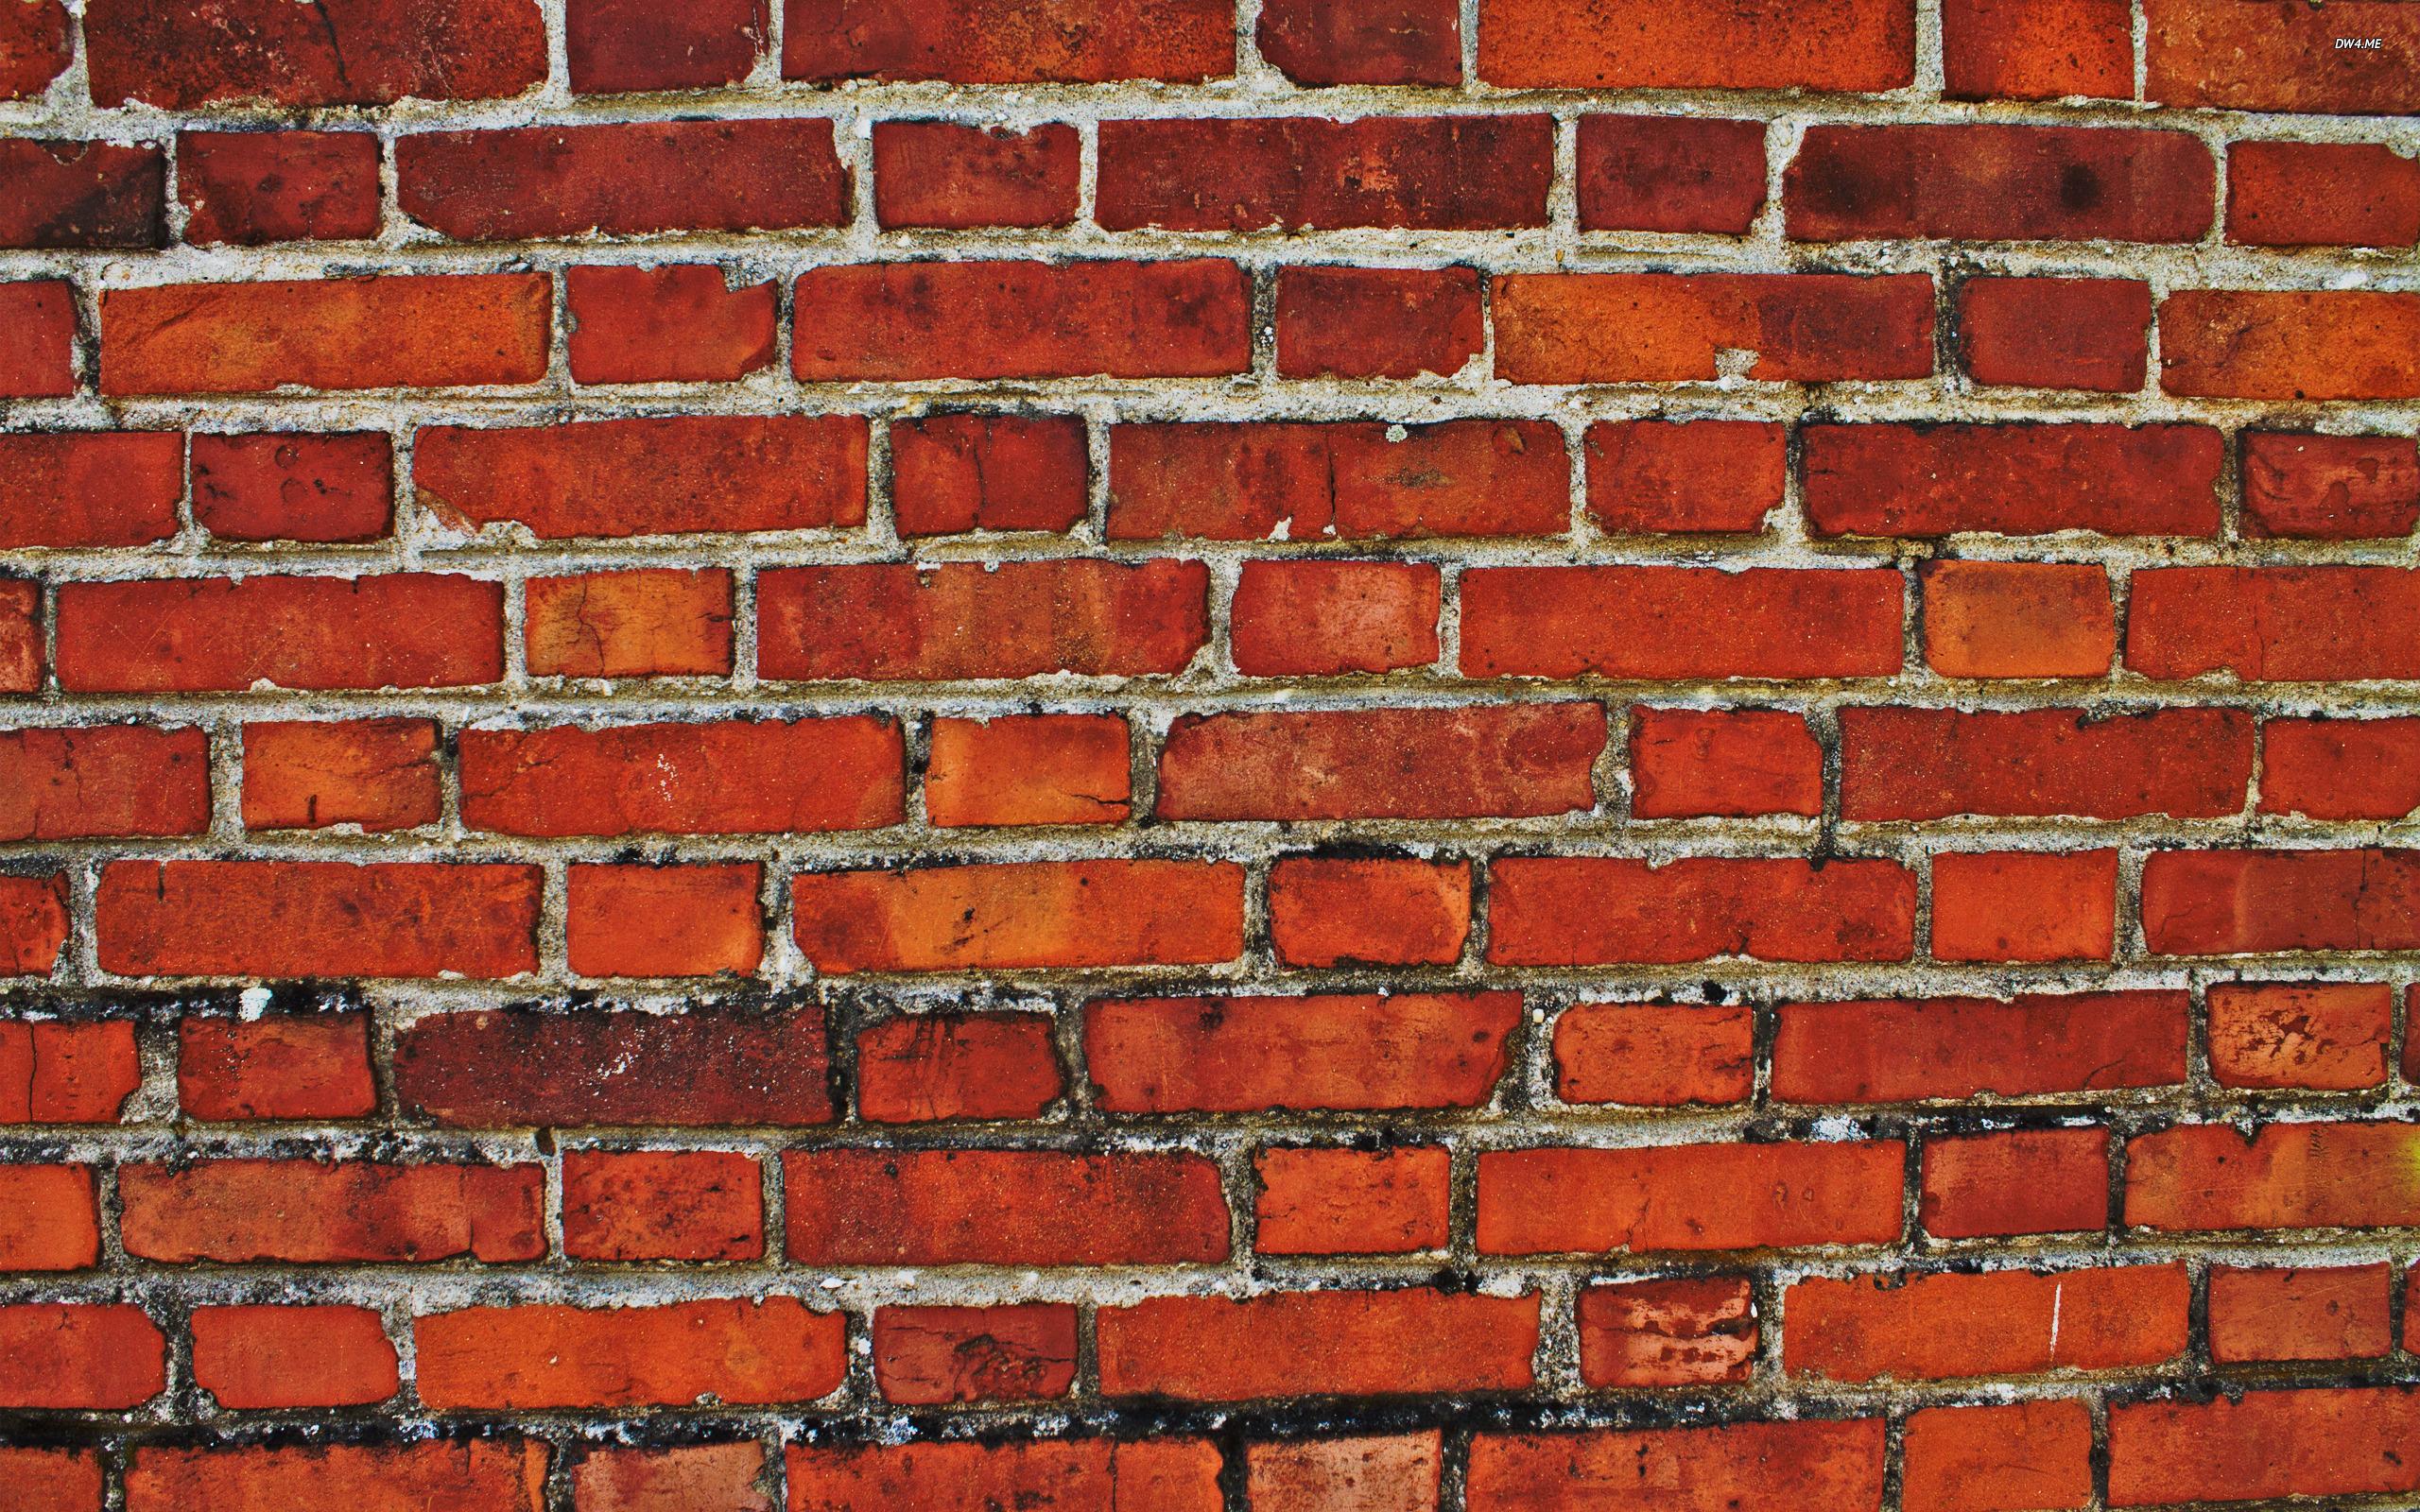 48 Brick Wallpaper For Walls On Wallpapersafari